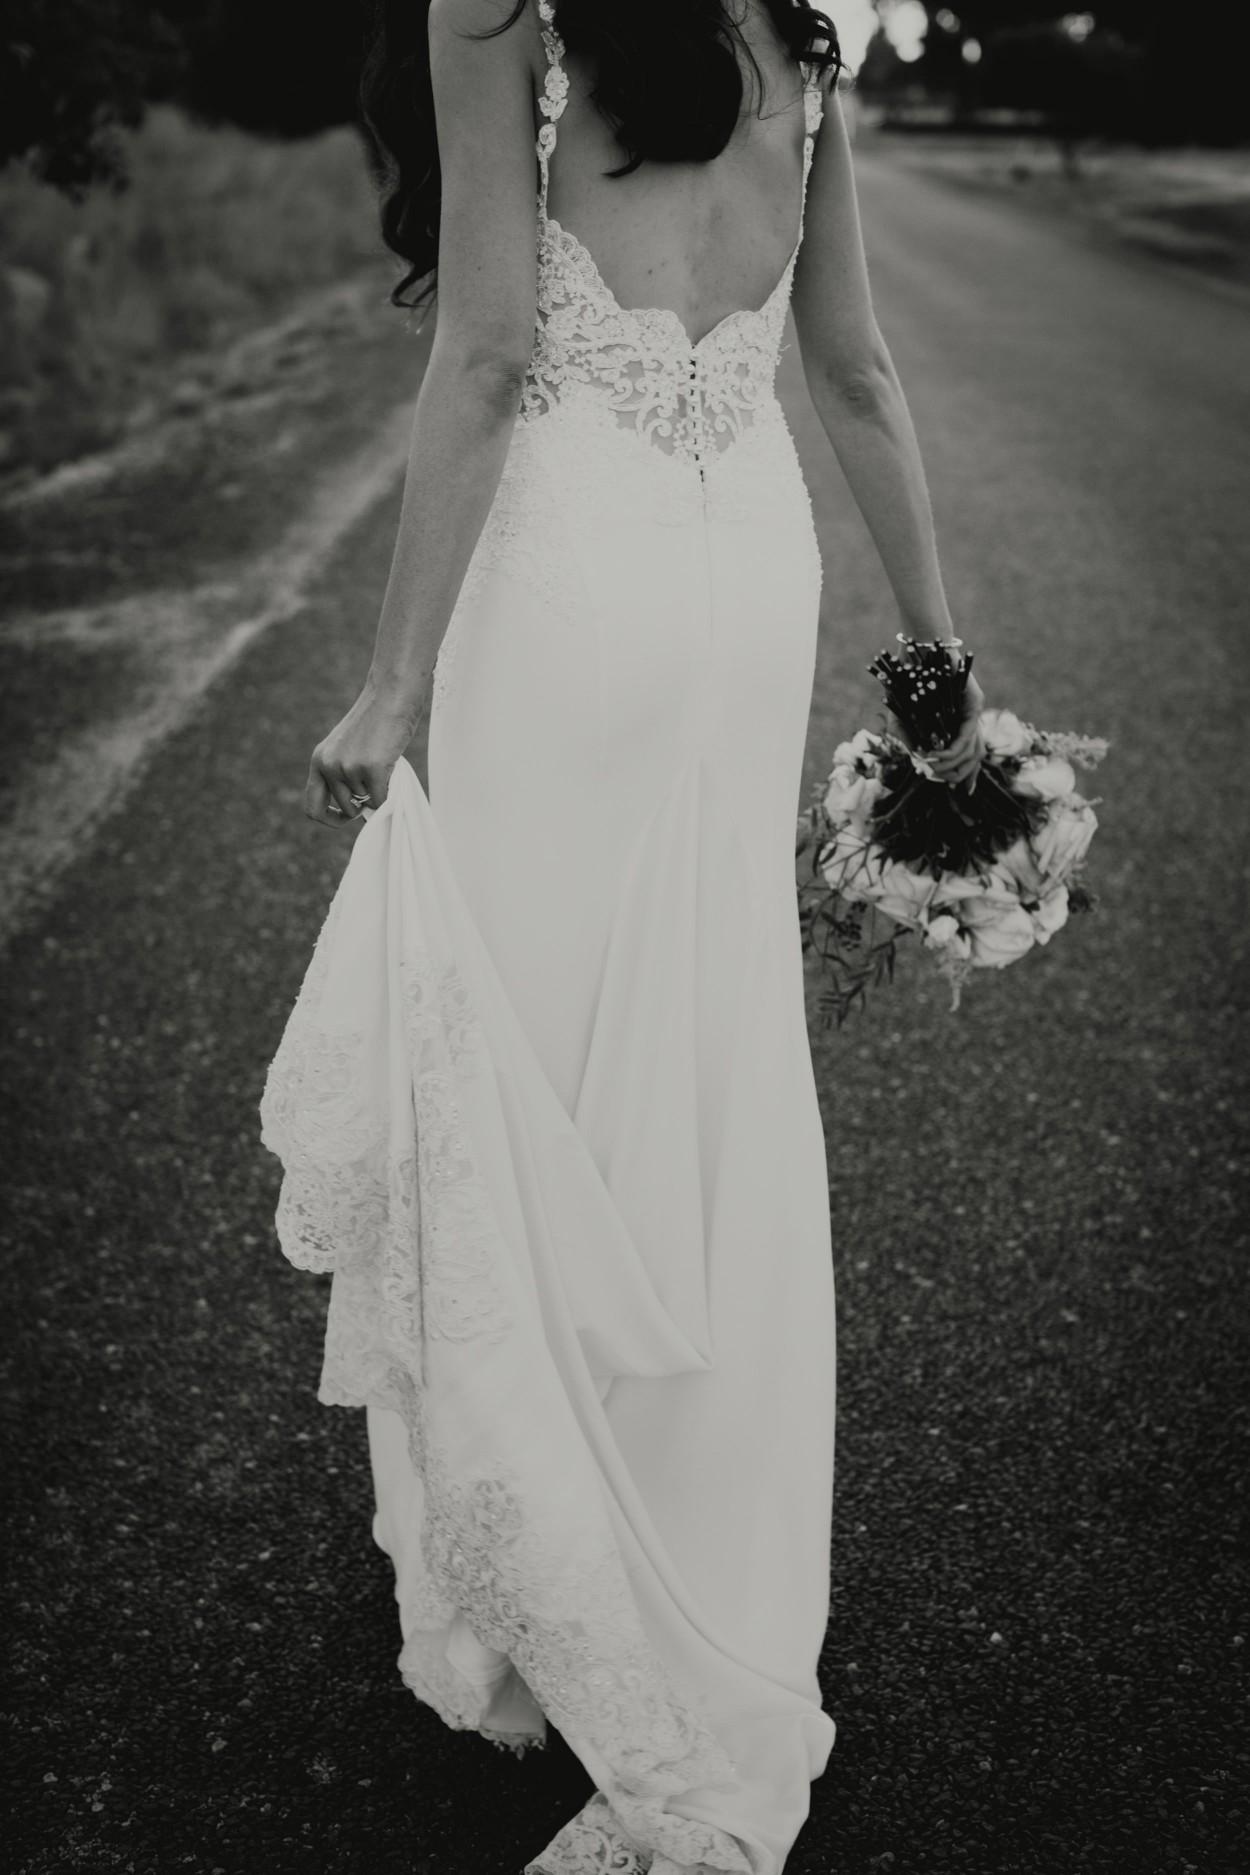 I-Got-You-Babe-&-Co.-Wedding-Photographers-Amanda047.jpg